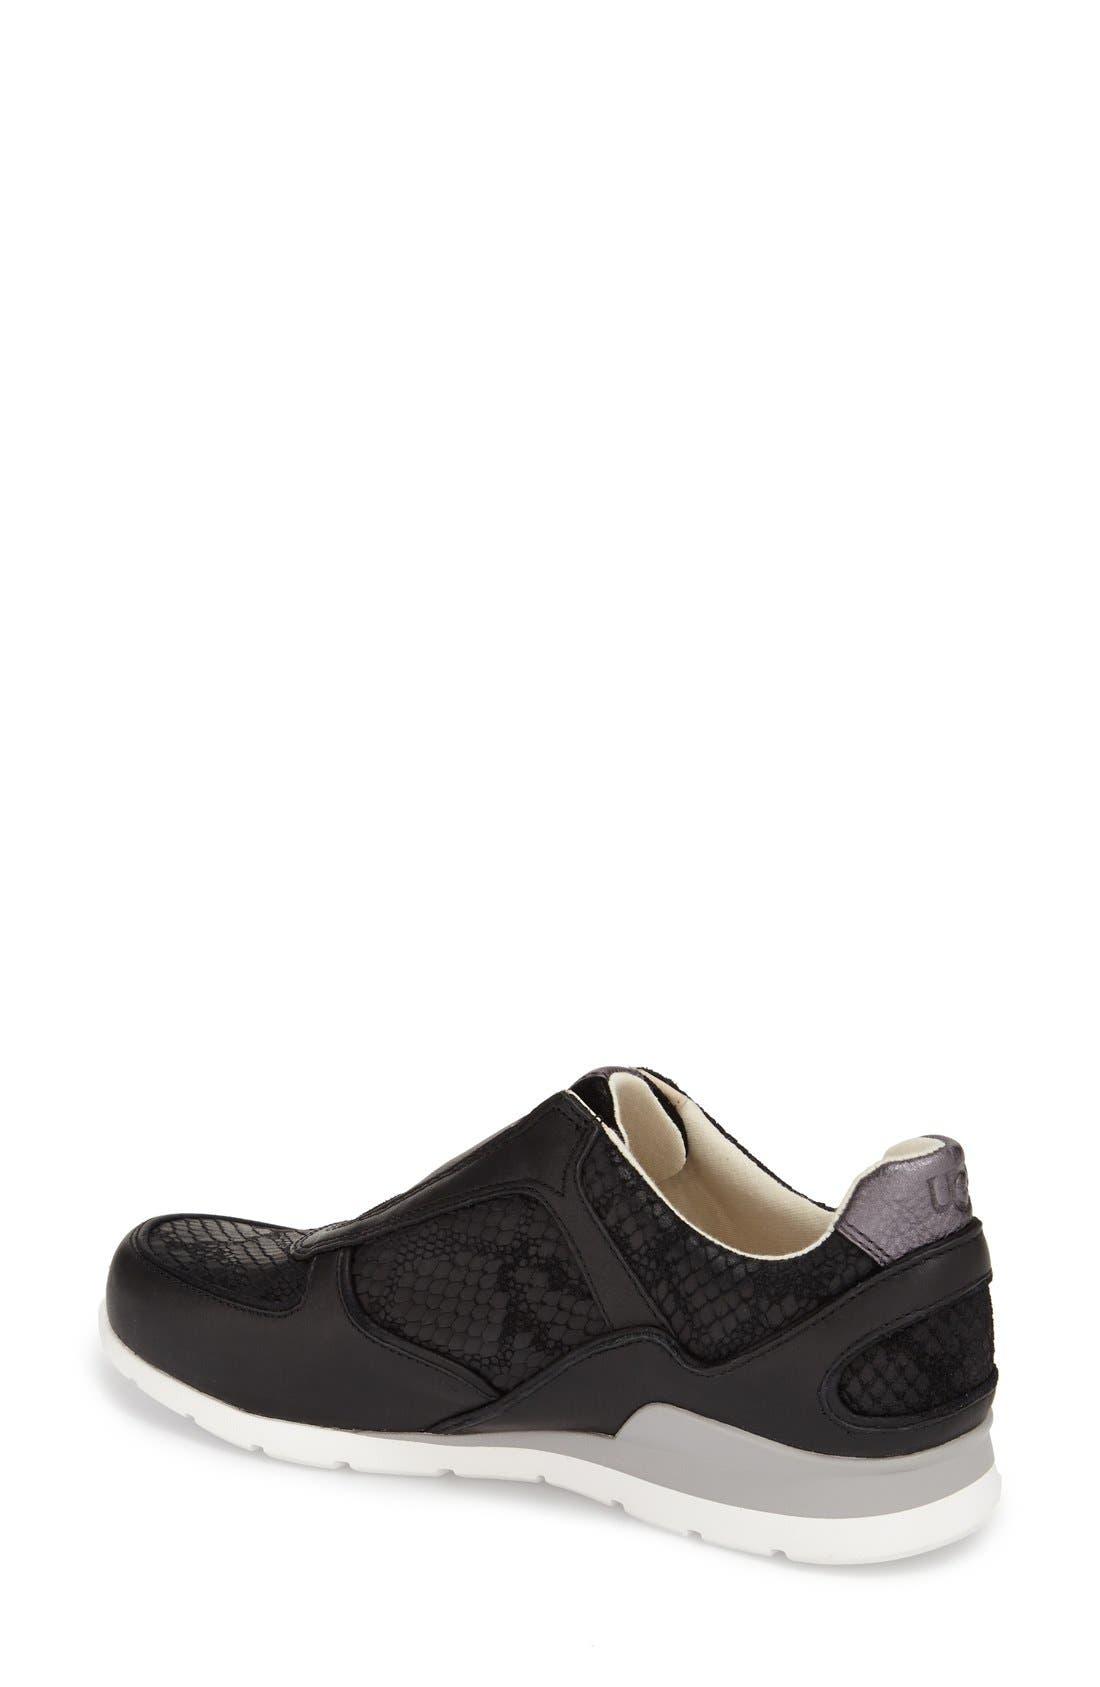 'Annetta' Slip-On Sneaker,                             Alternate thumbnail 3, color,                             Black Leather